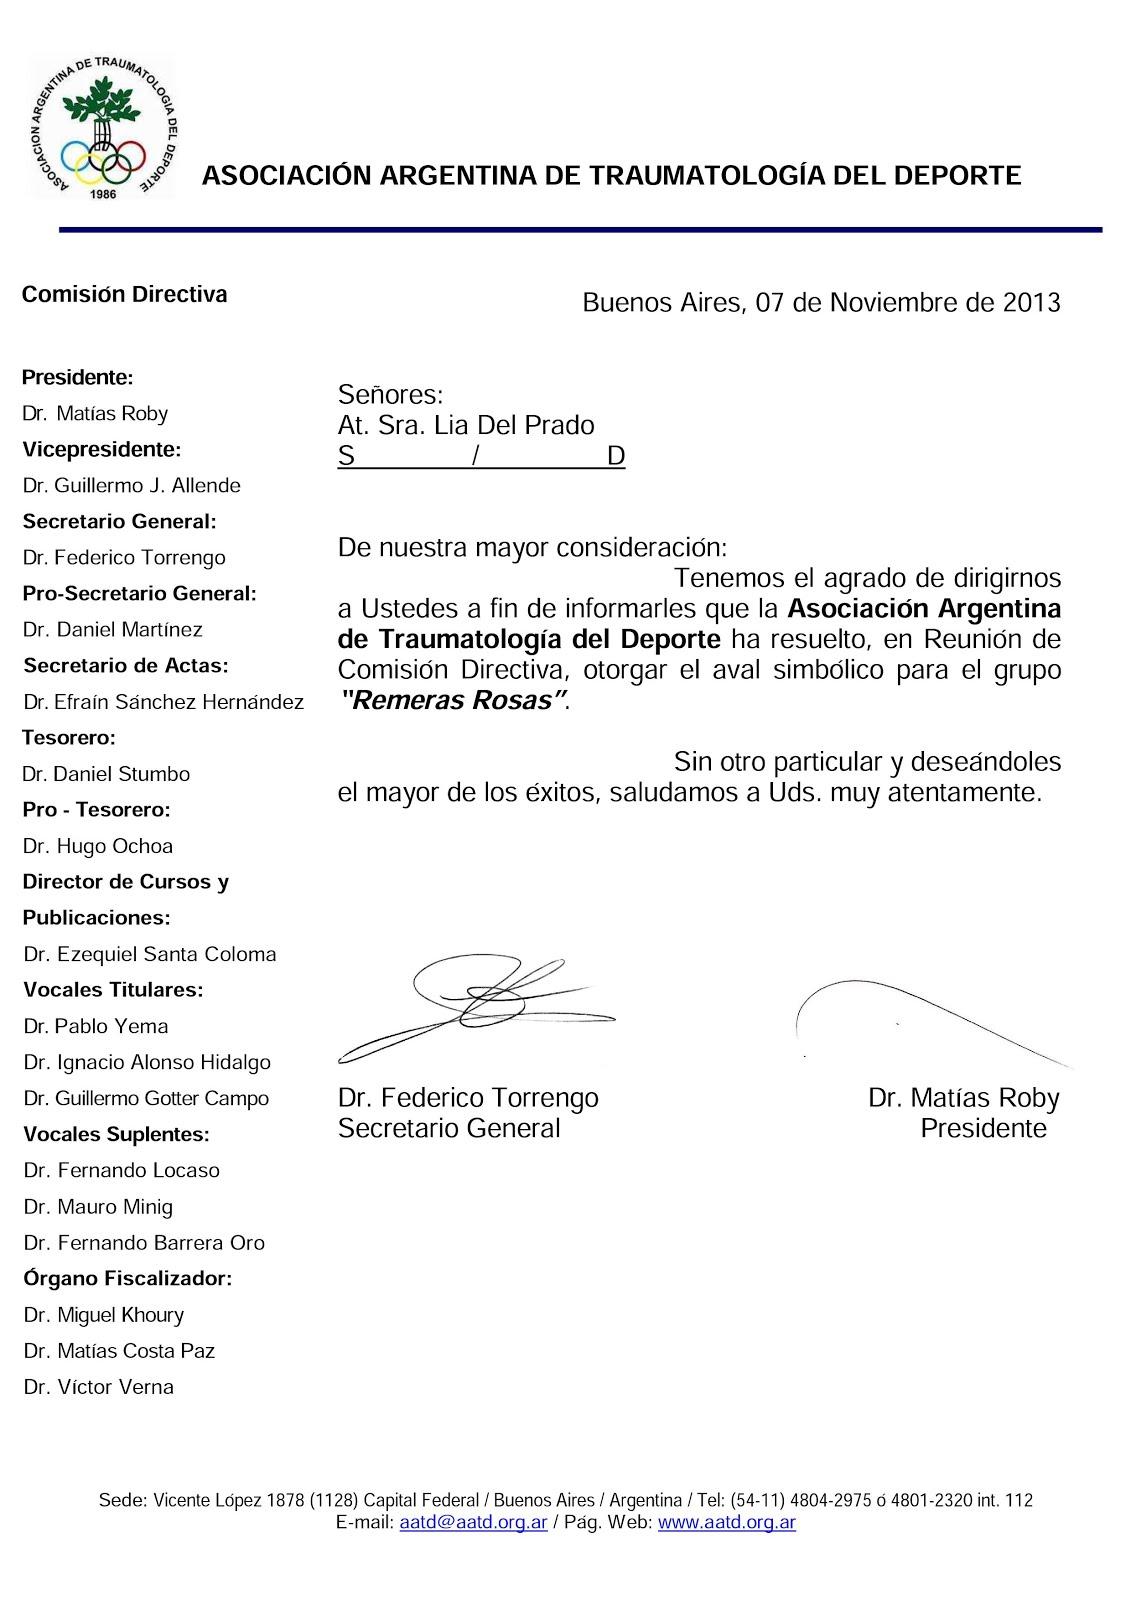 Aval Simbolico de la Asociación Argentina de Traumatología del Deporte